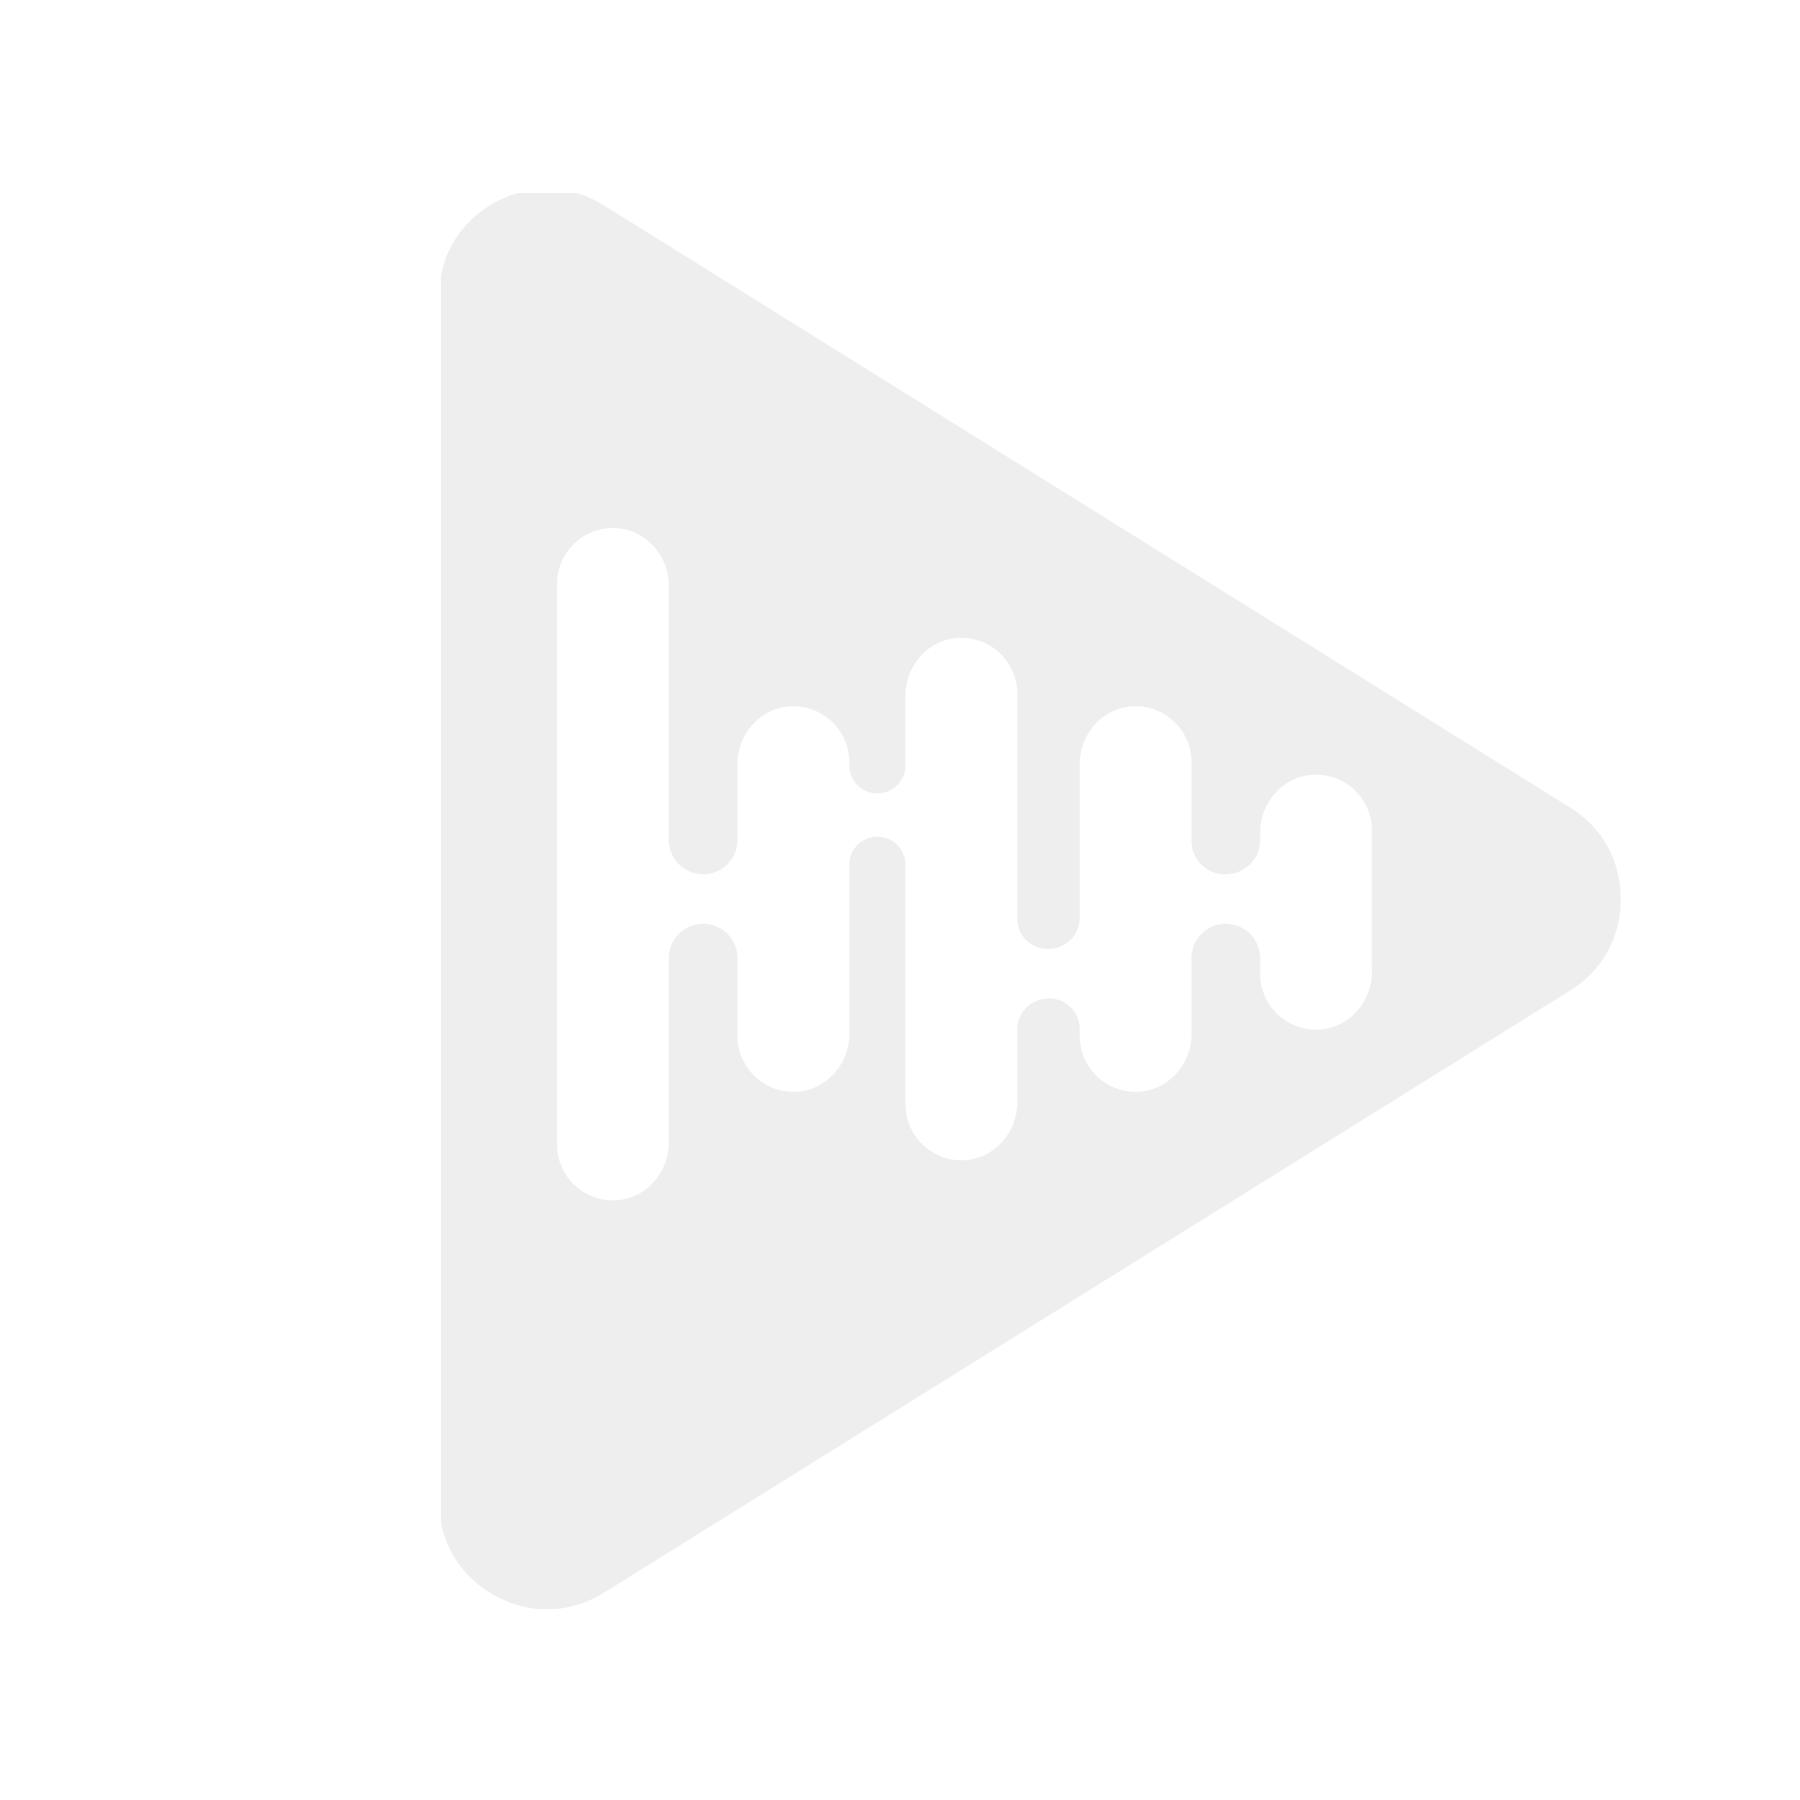 StP VBT - Støy og varmeisolerende materiale /u lim, 10mm (1,19m2)